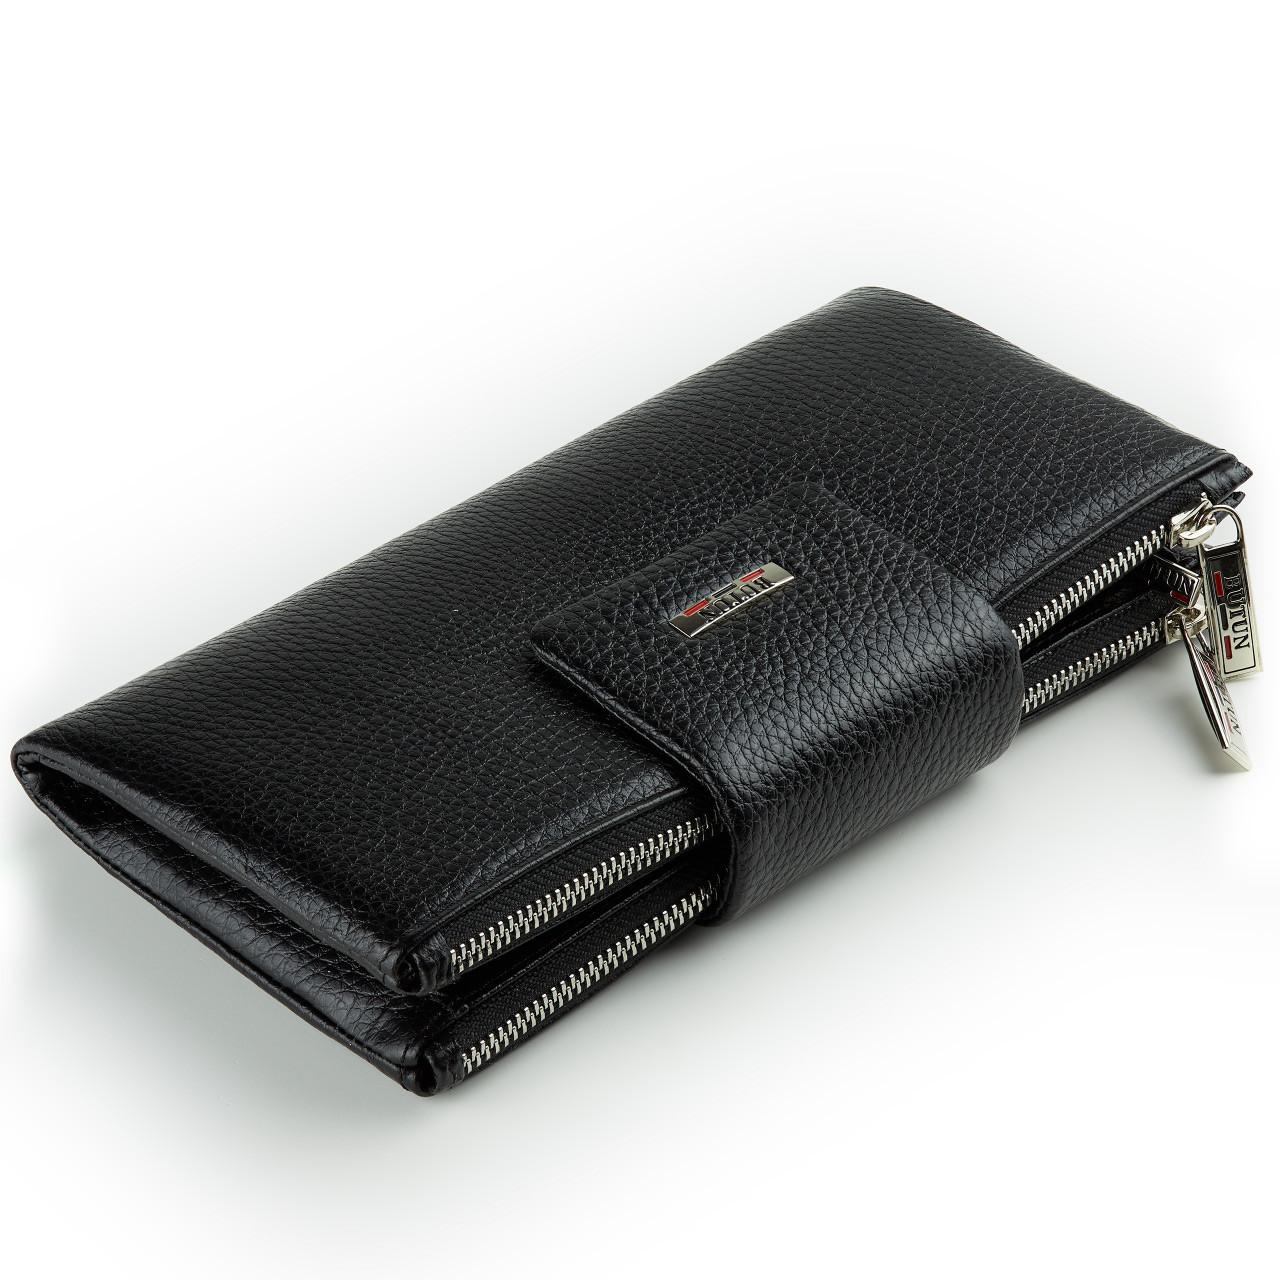 Большой женский кошелек BUTUN 507-004-001 кожаный черный